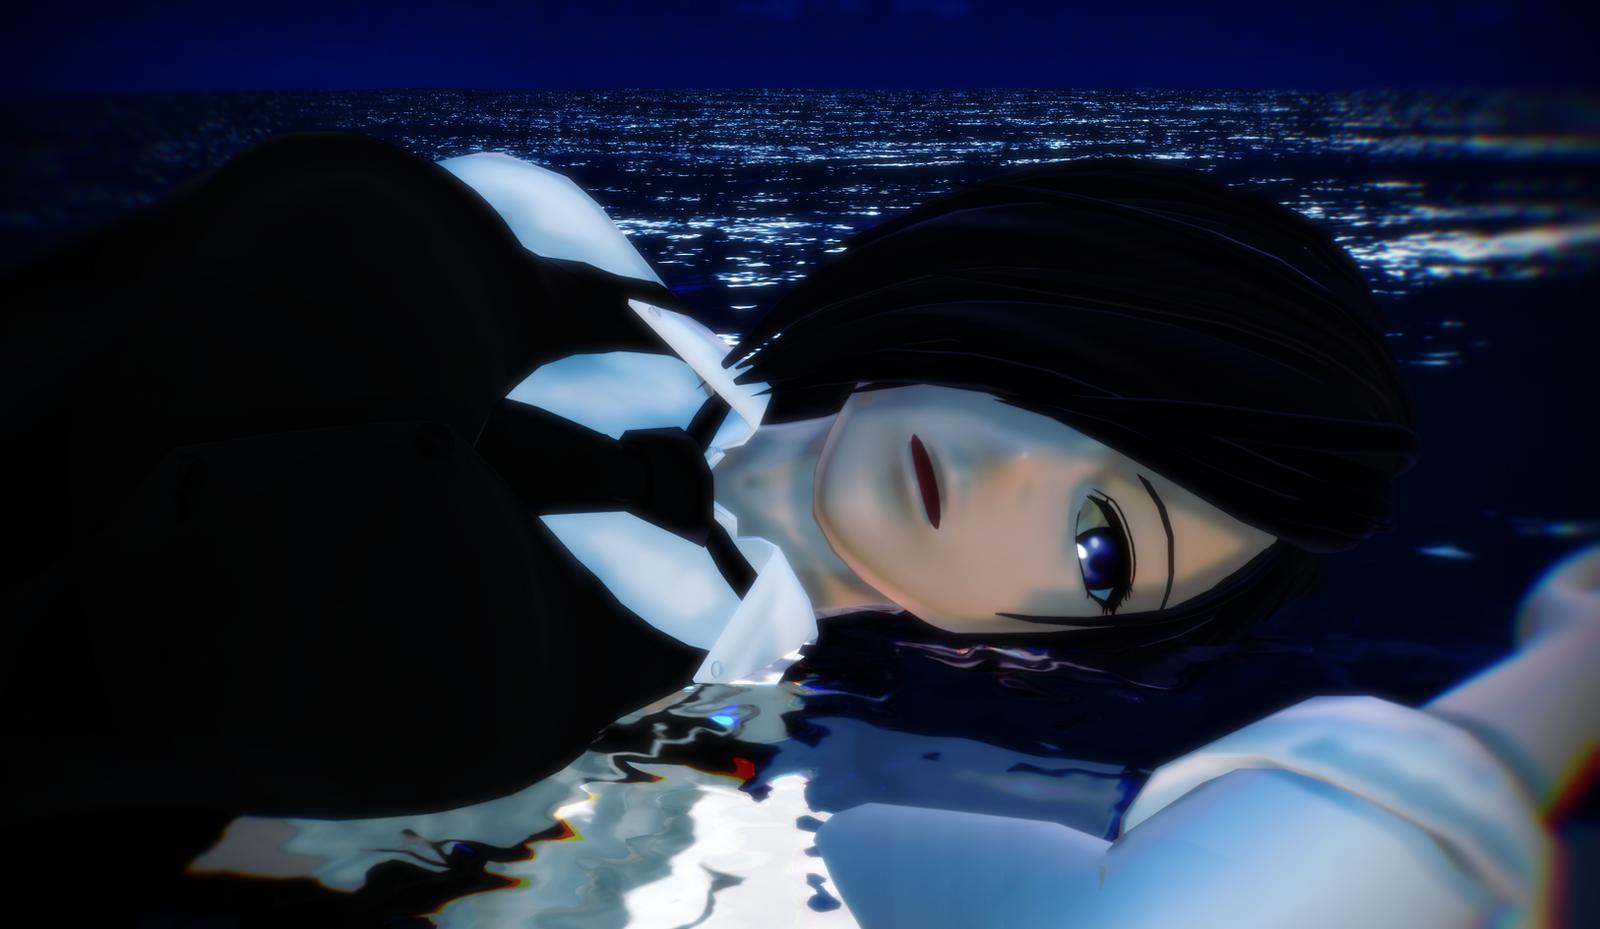 [MMD] Tokyo Ghoul: Touka Kirishima By BLACKGHOSTnet On